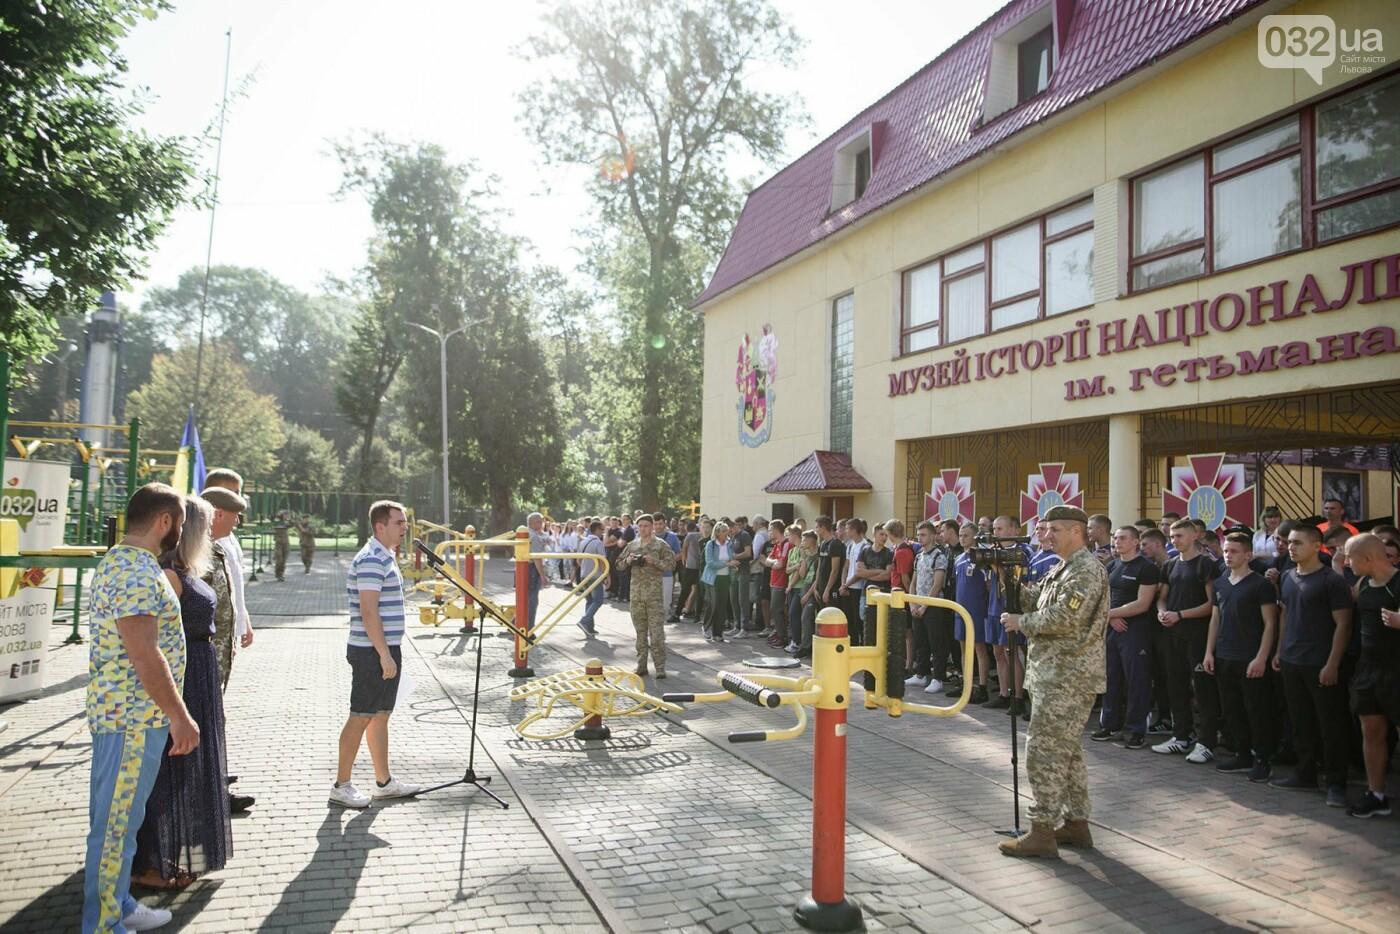 240 студентів Львівщини одночасно підтягнулися на турніках, фото-3